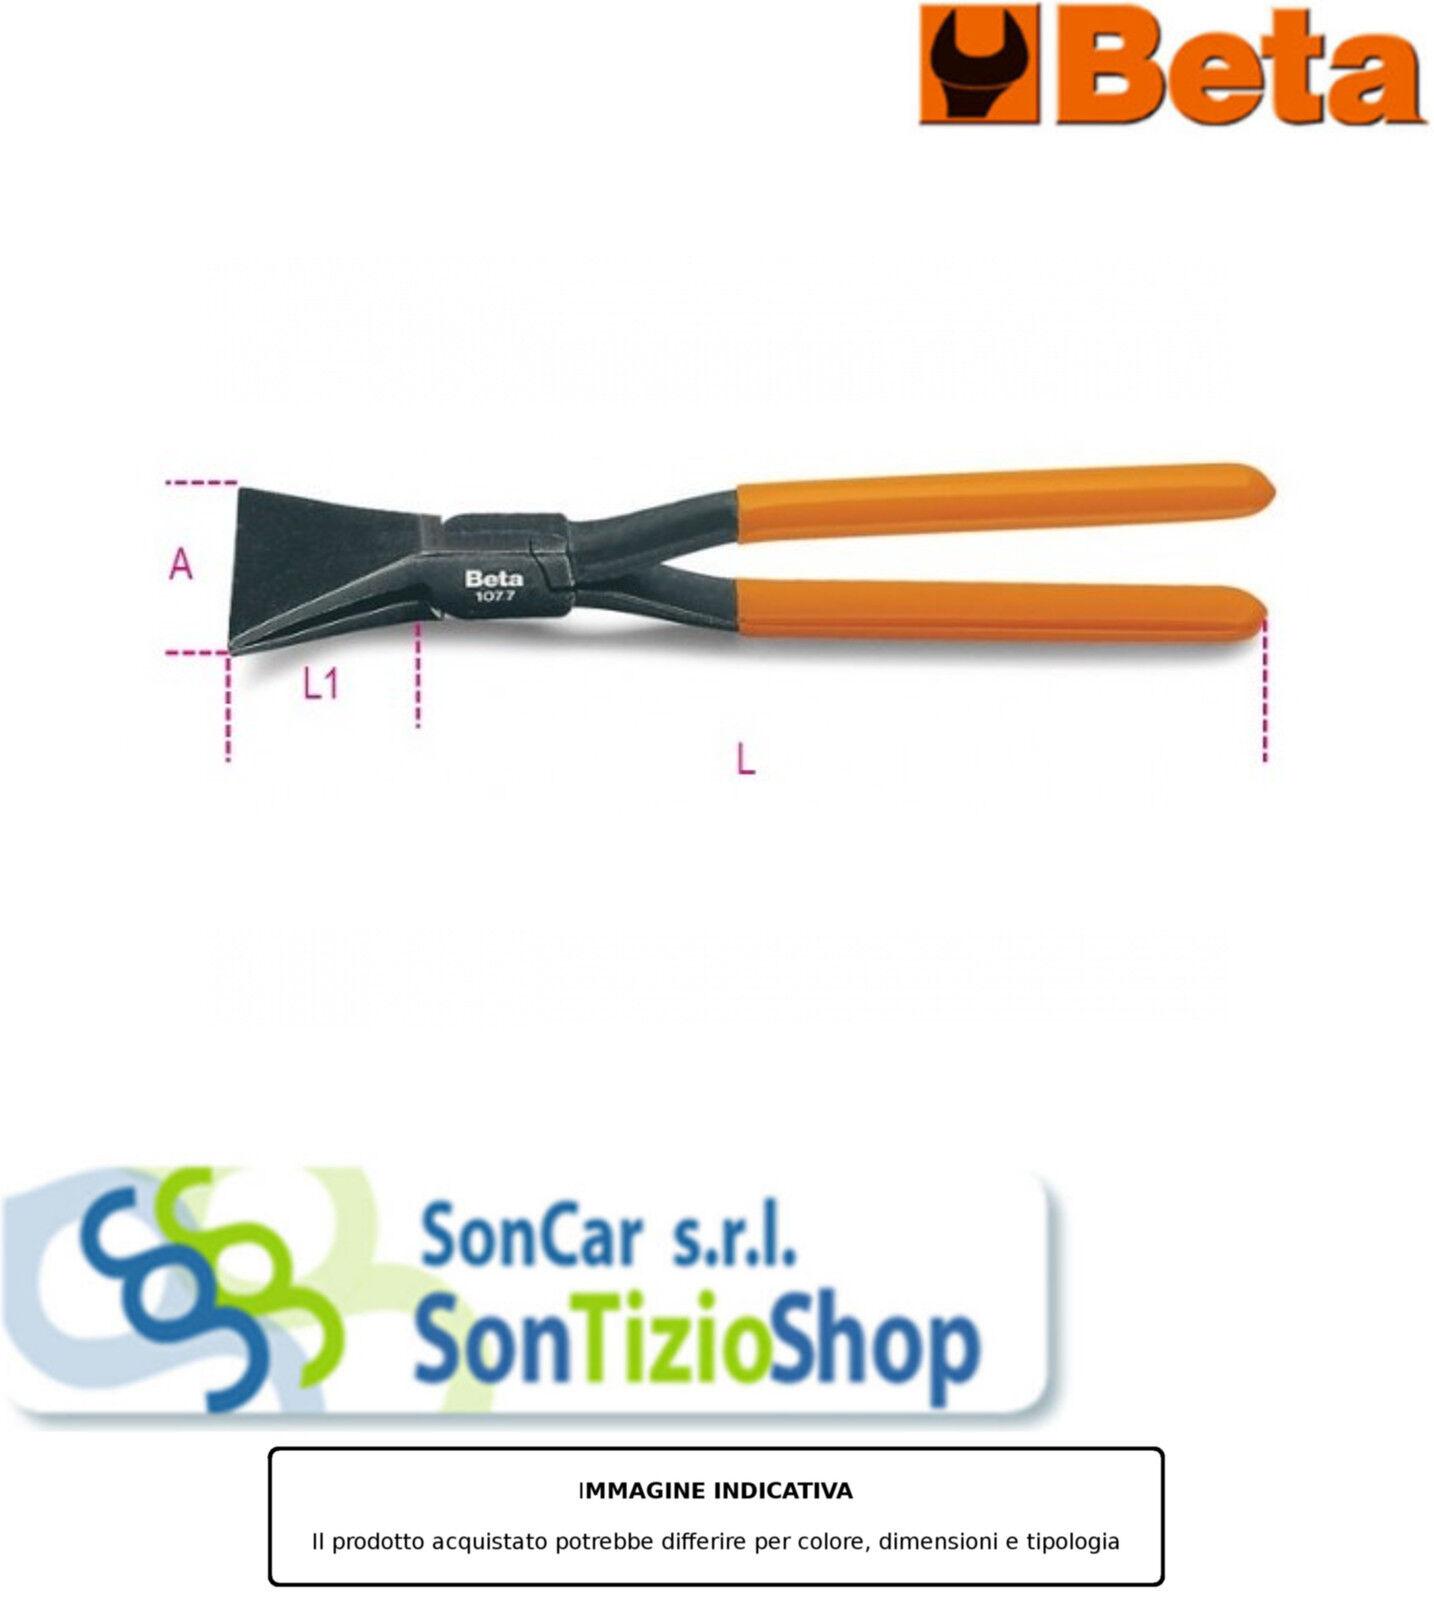 BETA 1077 280 Artikel Original  Zangen Zangen Zangen für Klempner gerade 280 | New Products  | Zu einem niedrigeren Preis  | Innovation  | Leicht zu reinigende Oberfläche  1294a9